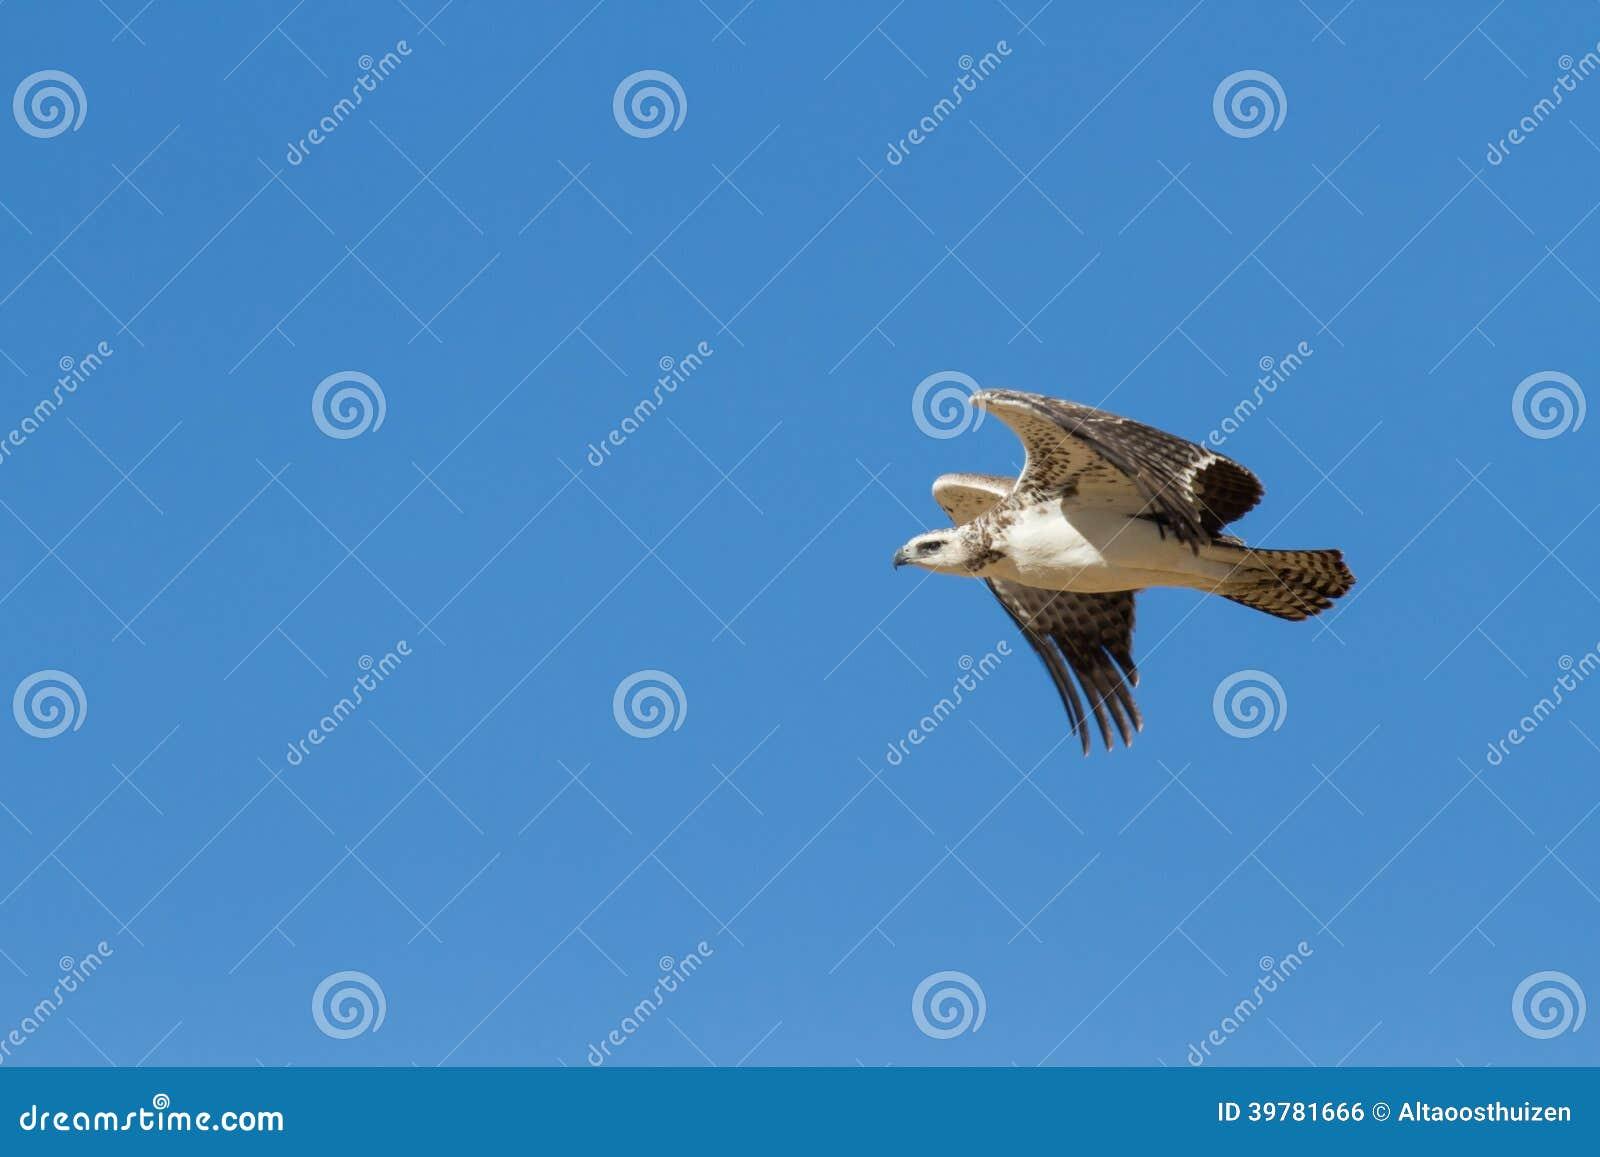 Águila marcial majestuosa juvenil que vuela a una jerarquía en Kalahar azul